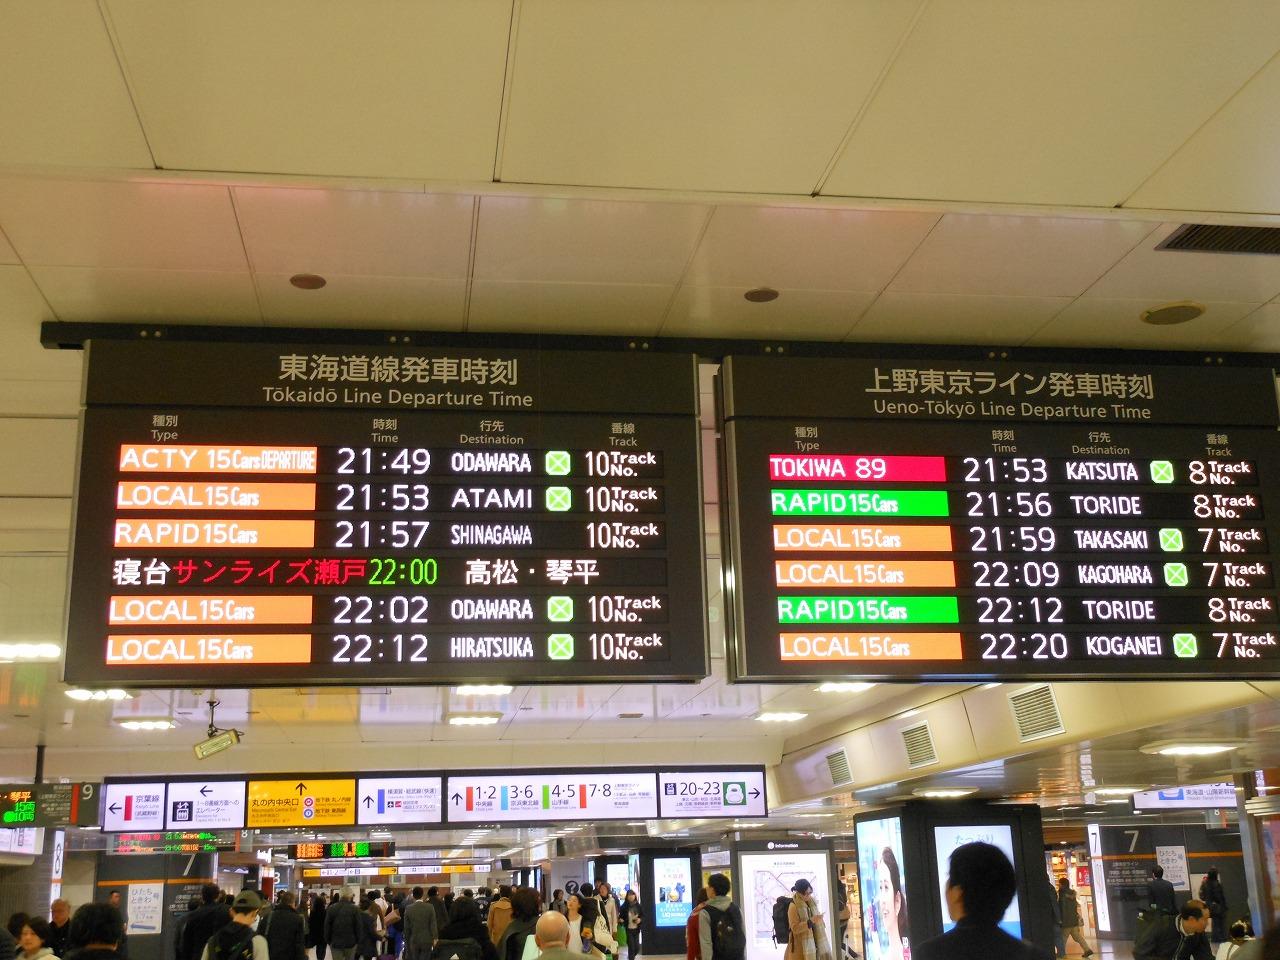 東京での案内表示